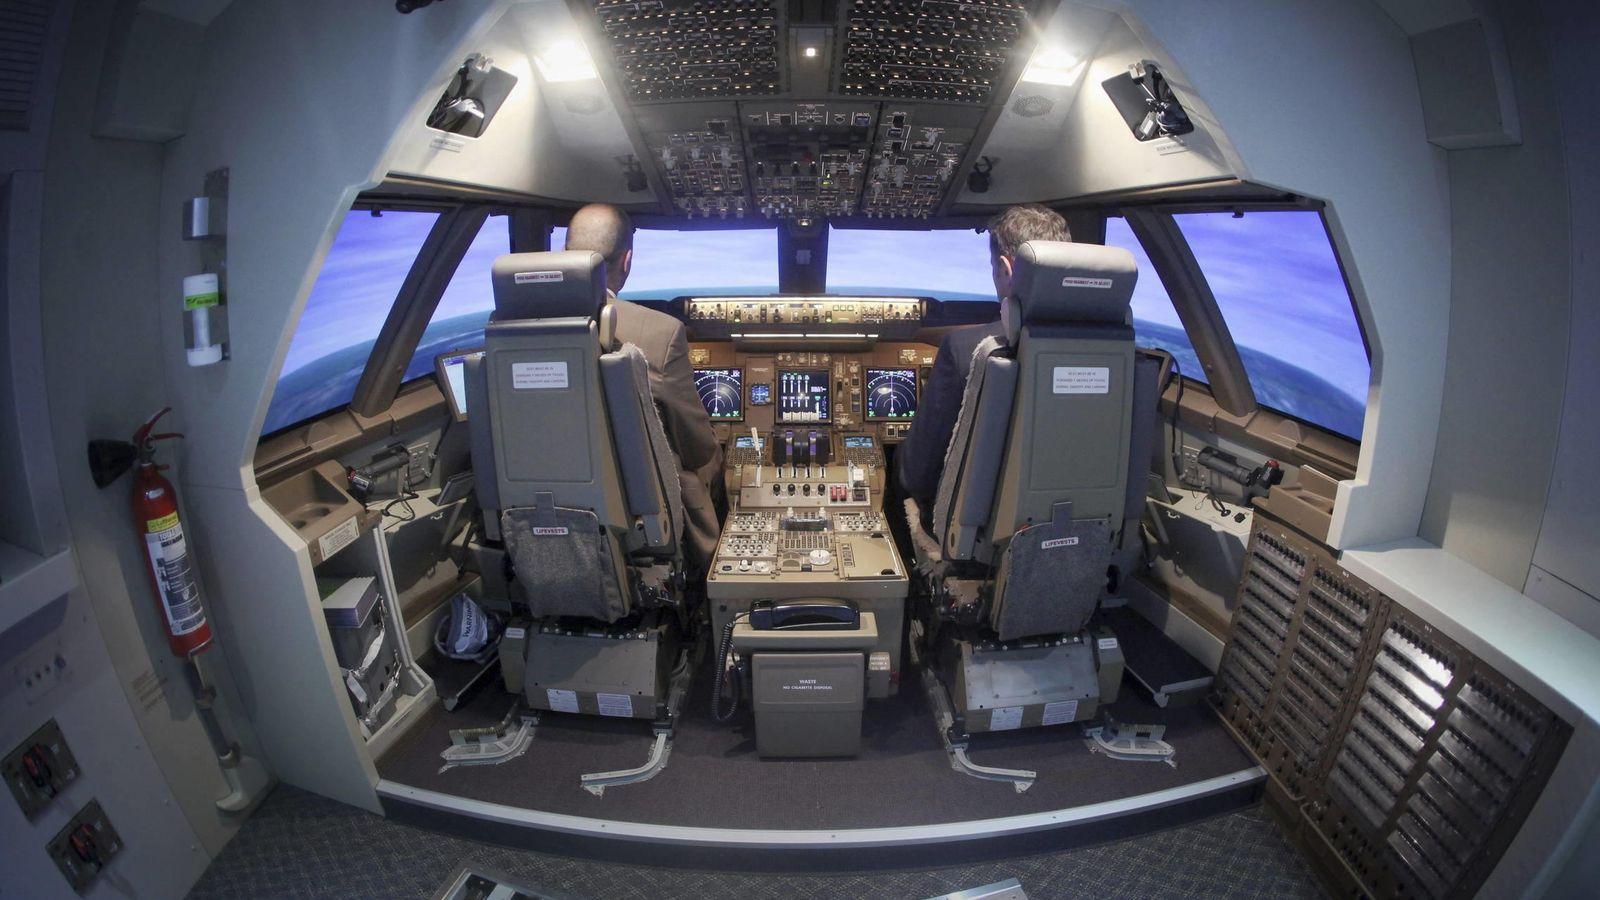 Foto: Accidente de avión: El copiloto se negó a abrir la cabina y estrelló el avión de forma voluntaria contra la montaña